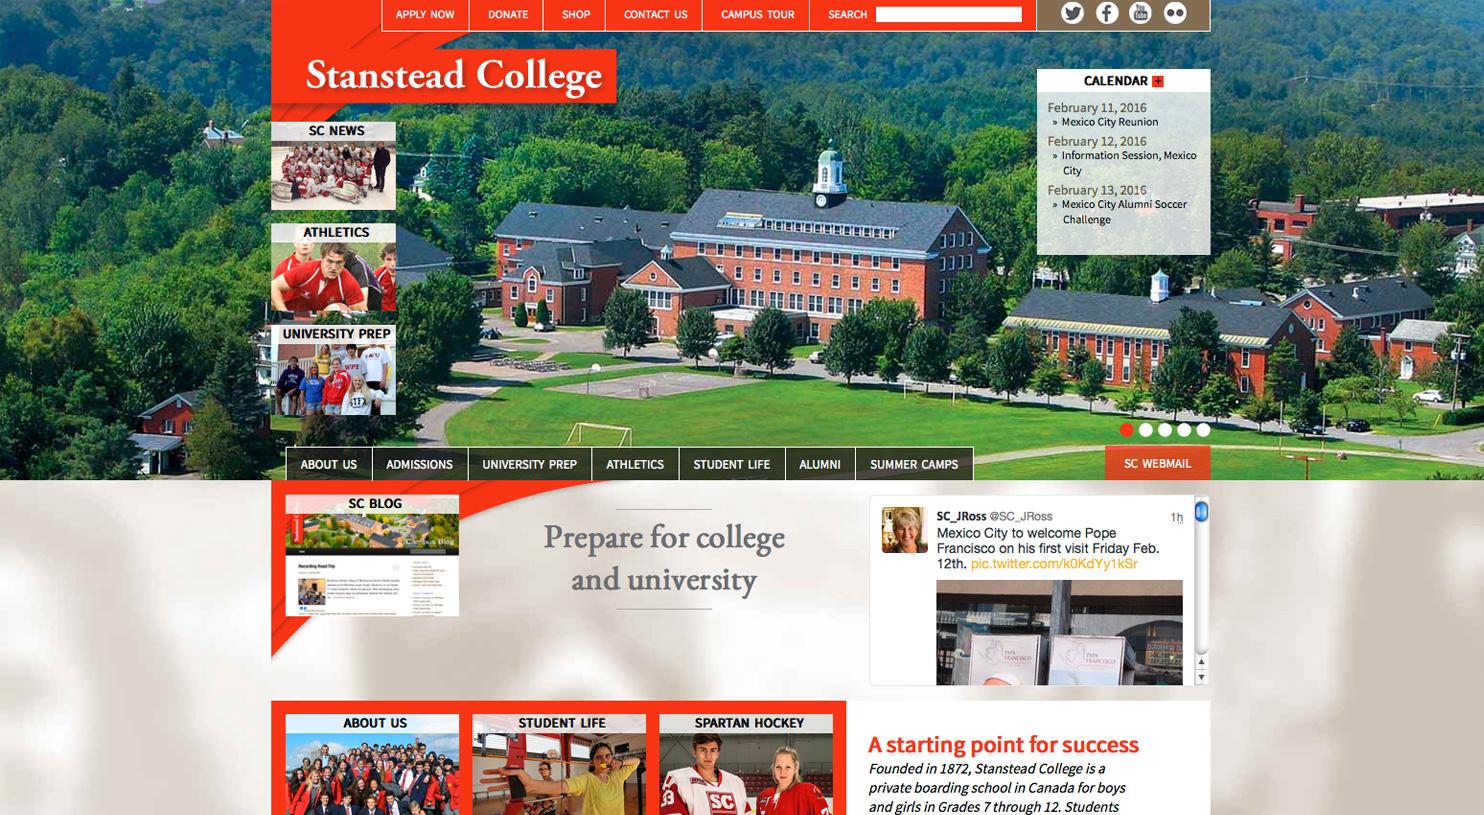 Stanstead College site web